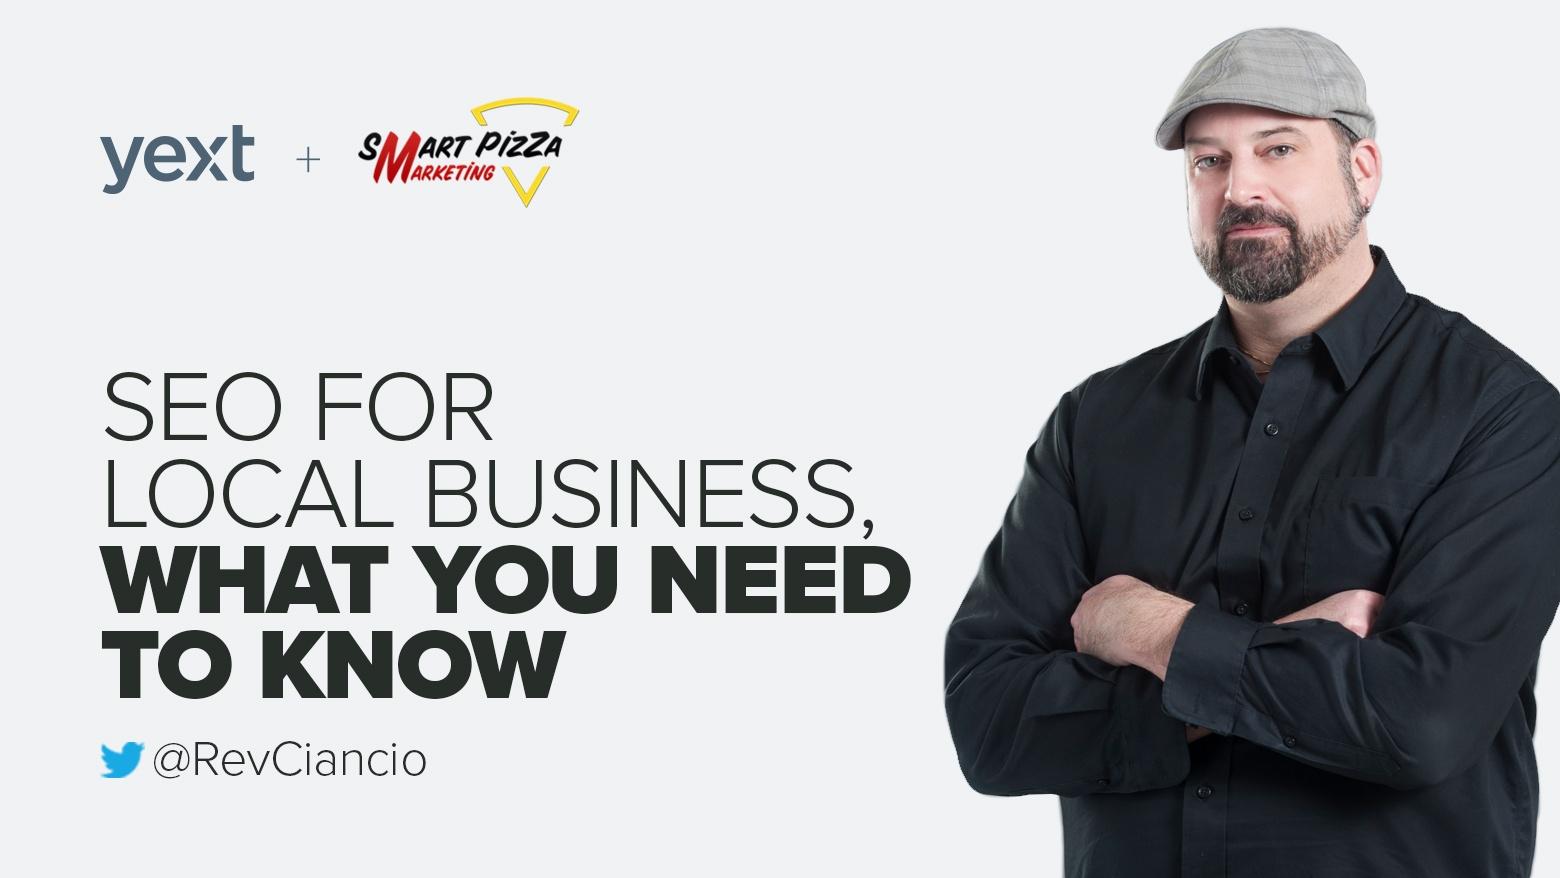 Rev Ciancio Smart Pizza Marketing